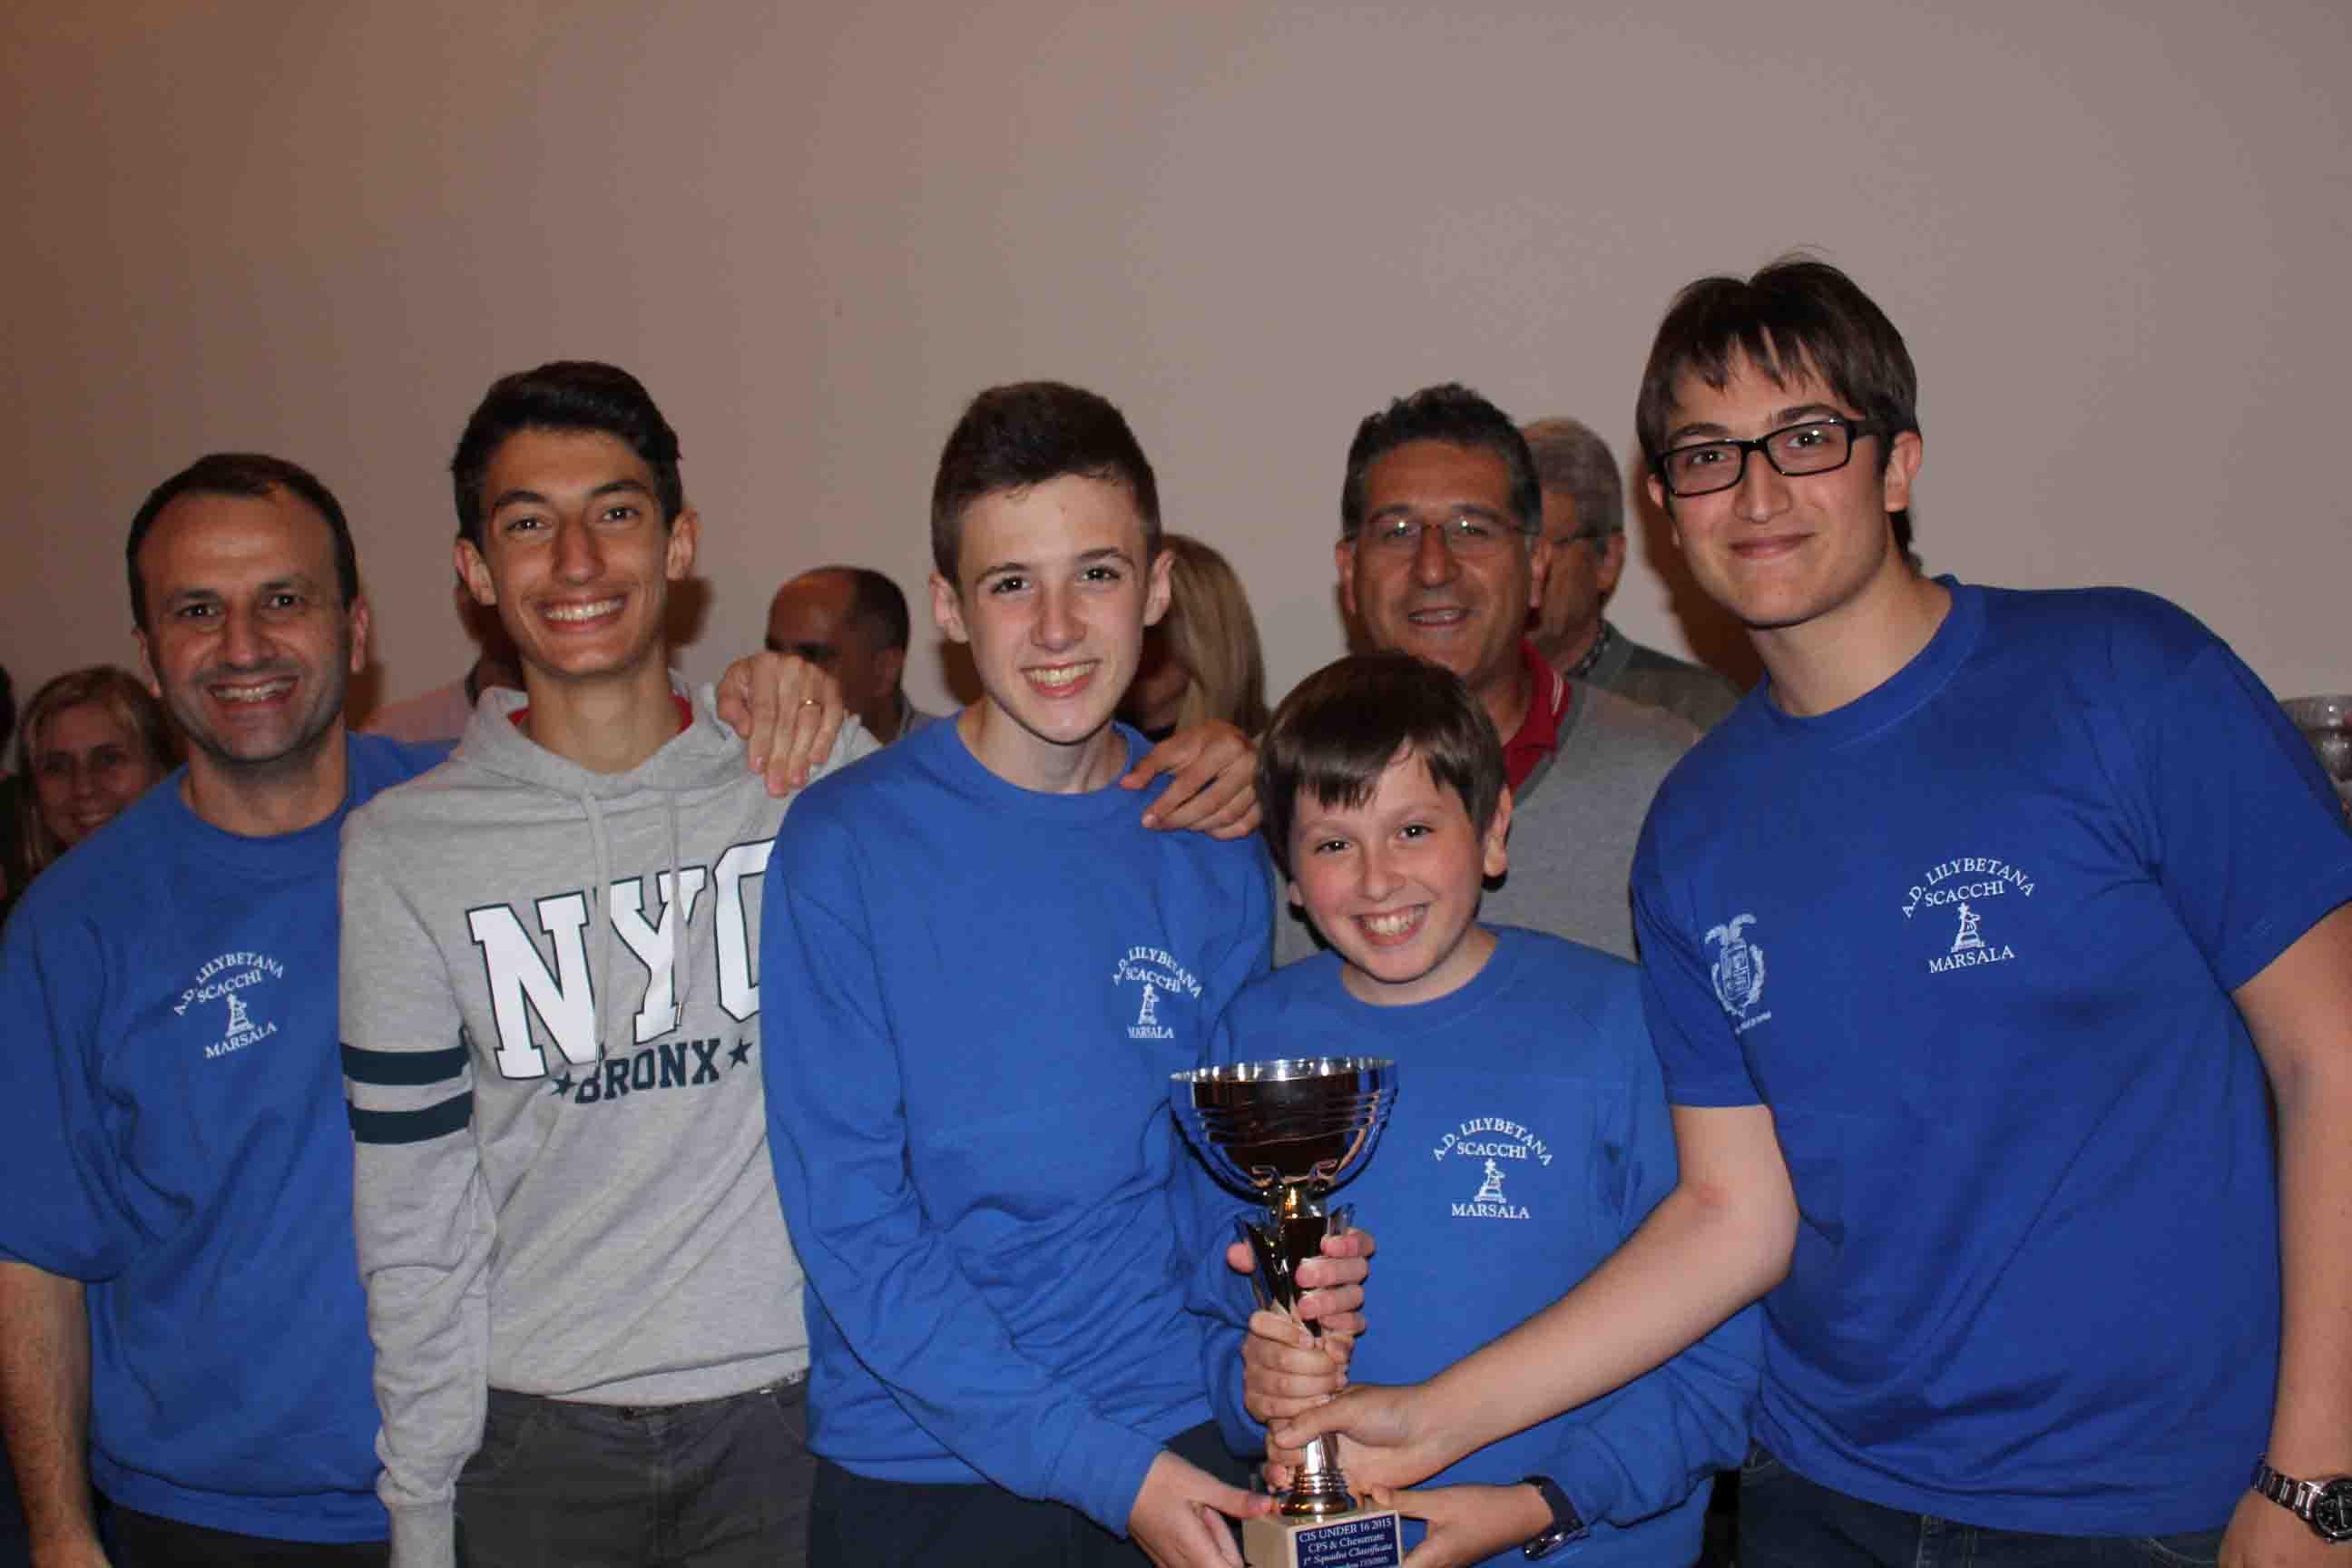 La lilybetana scacchi alle finali nazionali under 16 a squadre for Marchetti rivarolo